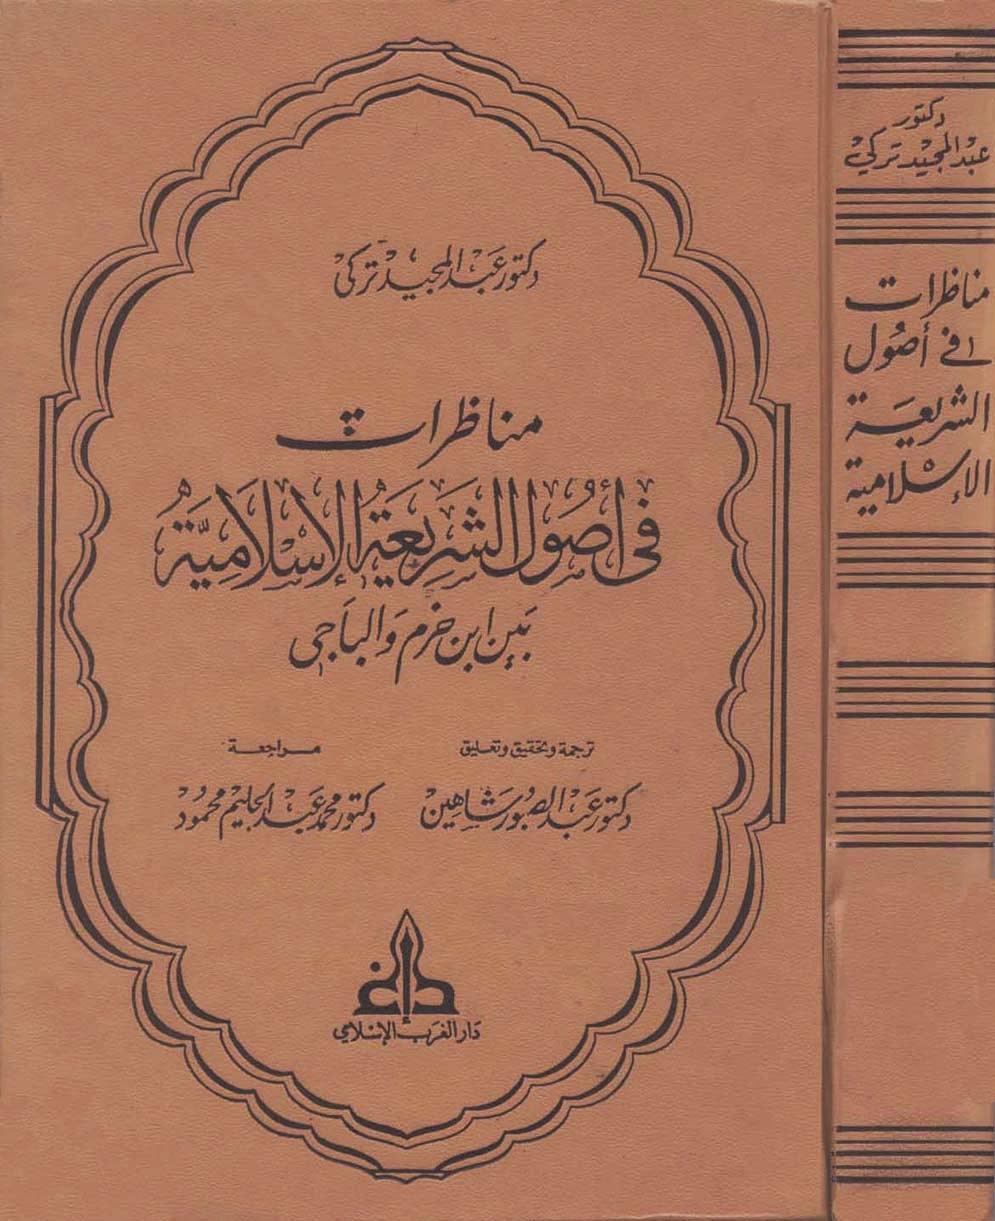 مناظرات في أصول الشريعة الإسلامية بين ابن حزم والباجي لـ عبد المجيد التركي